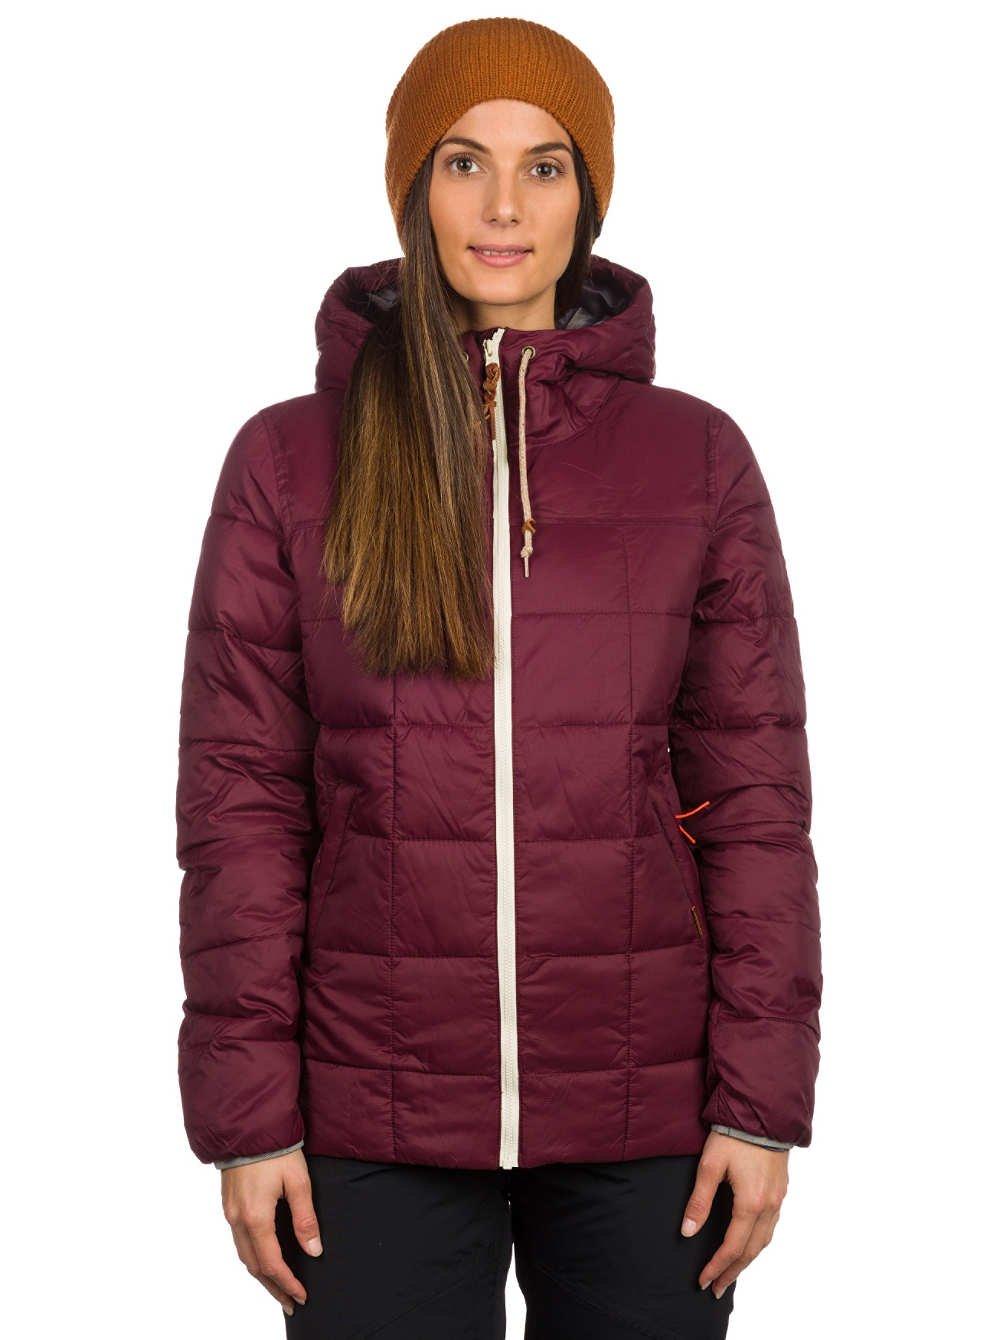 Damen Snowboard Jacke Holden Cumulus Jacket jetzt kaufen